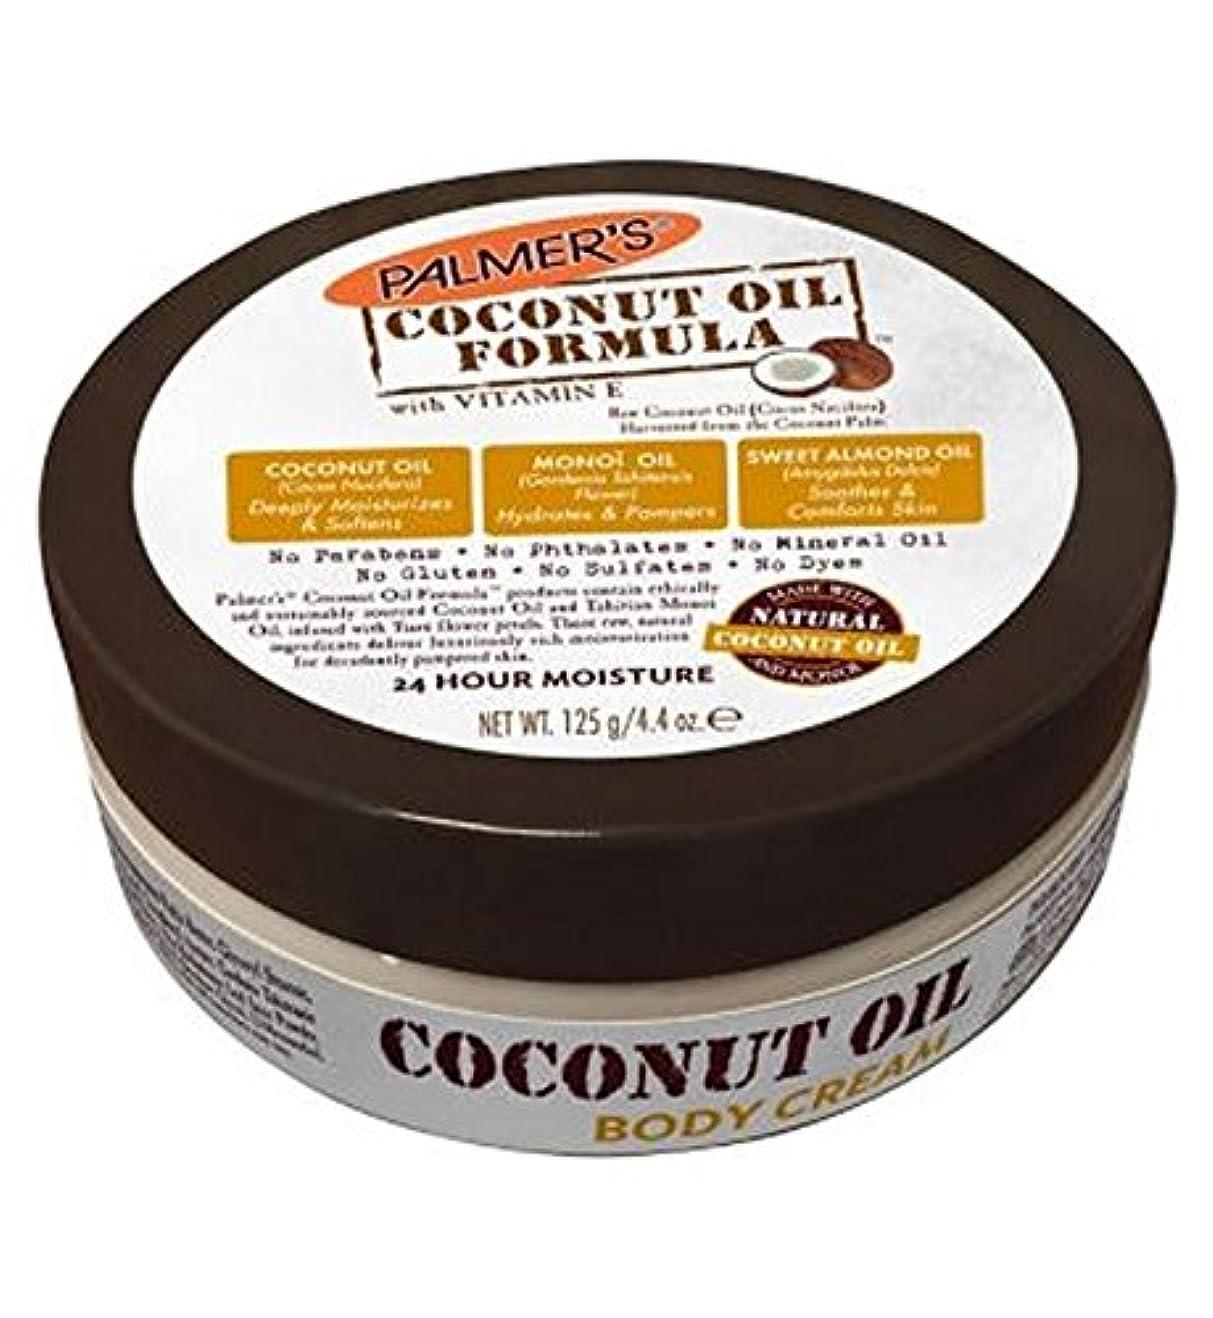 終点適用する審判Palmer's Coconut Oil Formula Body Cream 125g - パーマーのヤシ油式ボディクリーム125グラム (Palmer's) [並行輸入品]